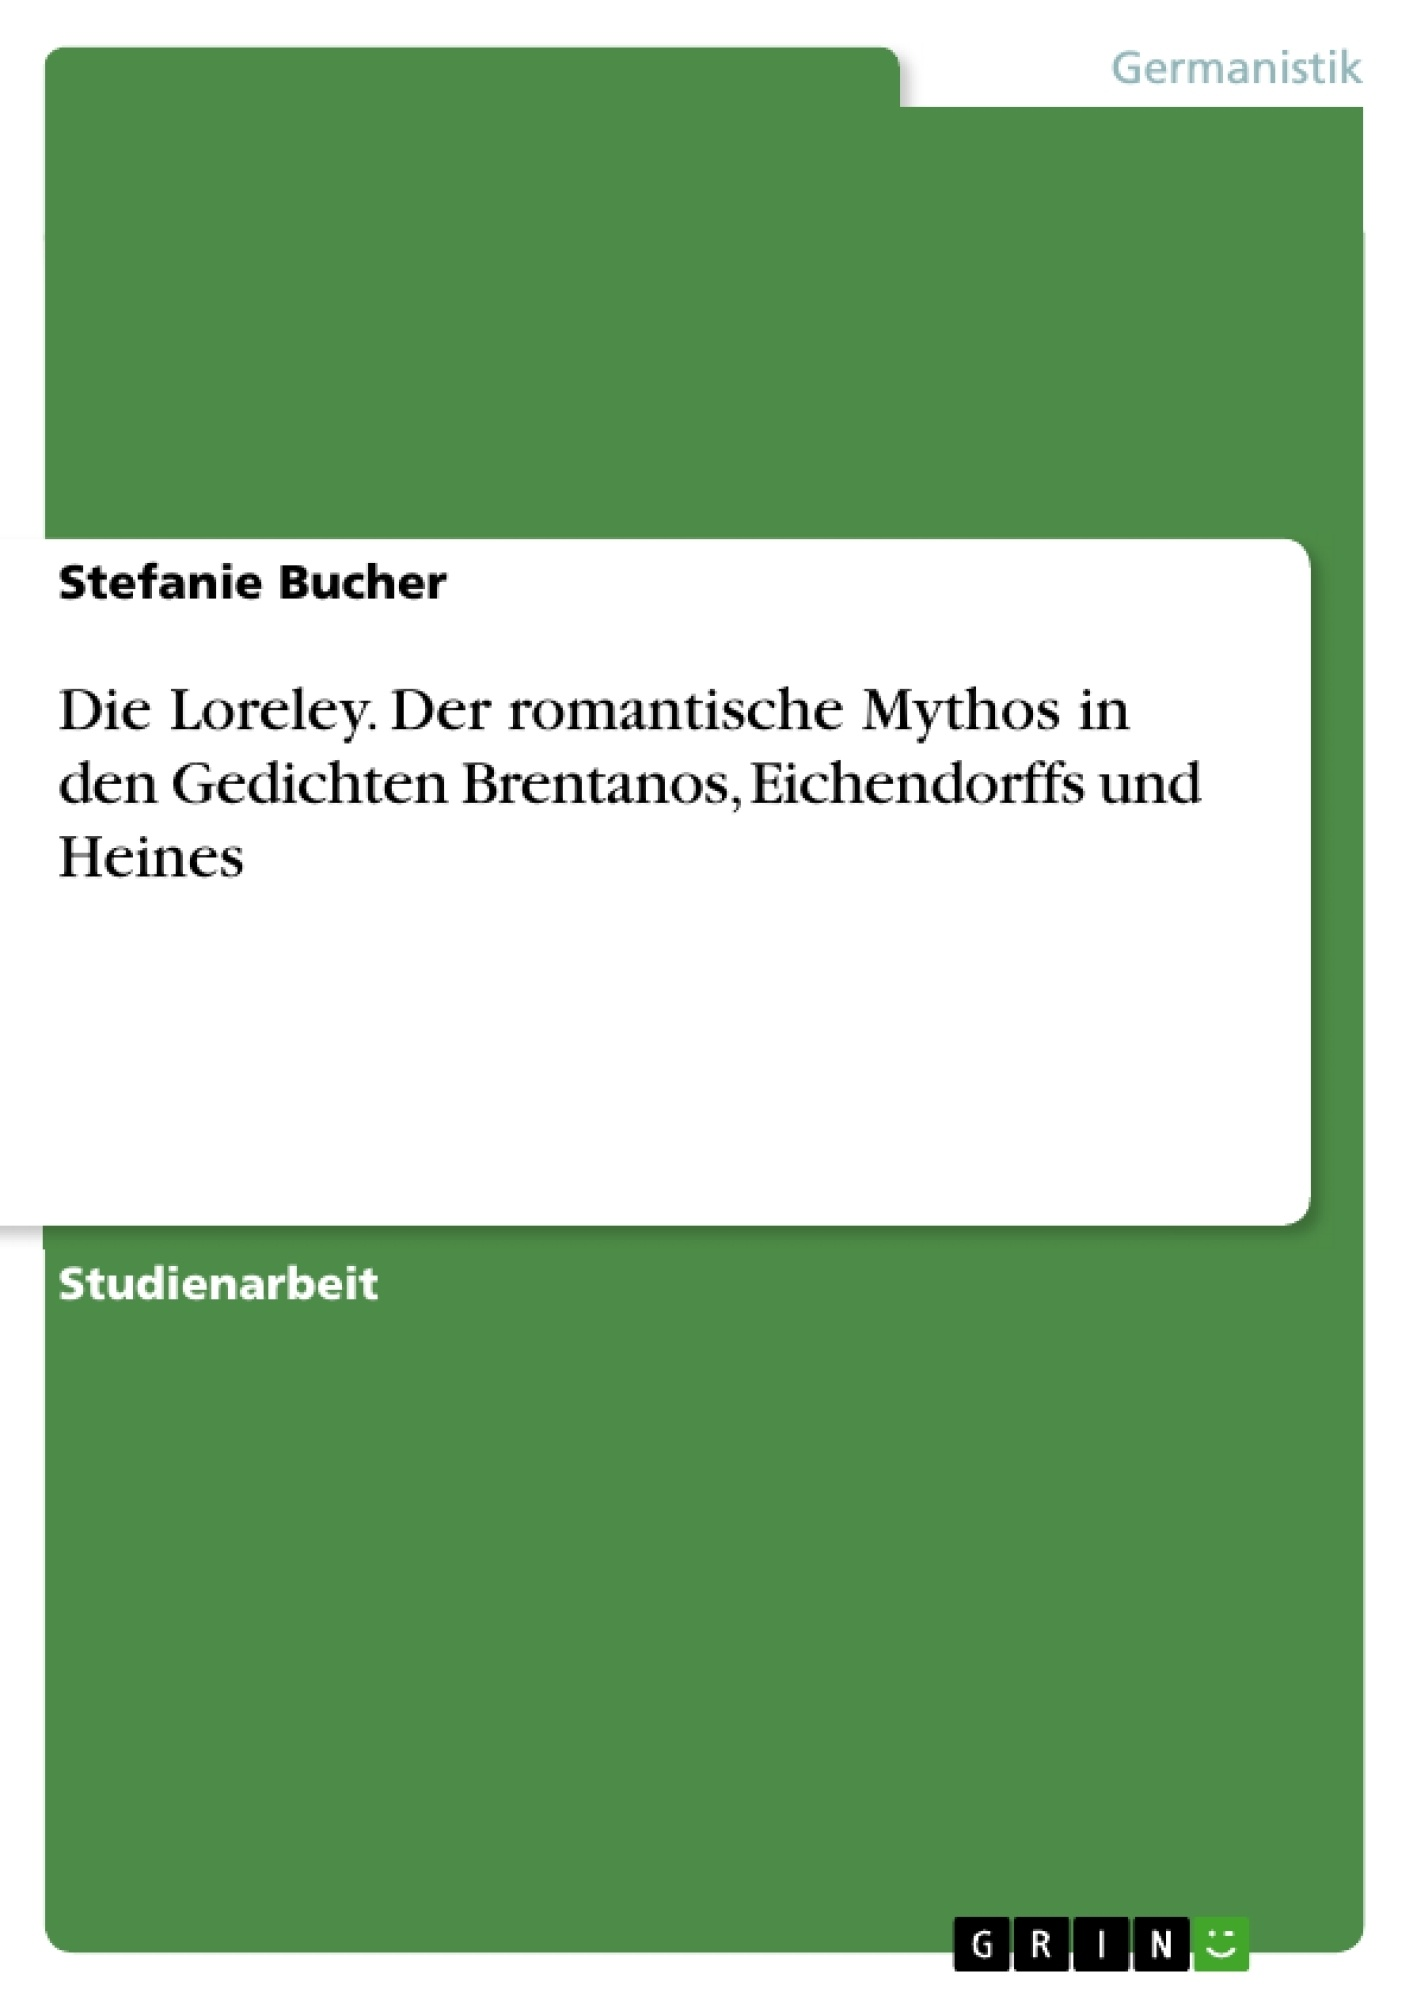 Titel: Die Loreley. Der romantische Mythos in den Gedichten Brentanos, Eichendorffs und Heines